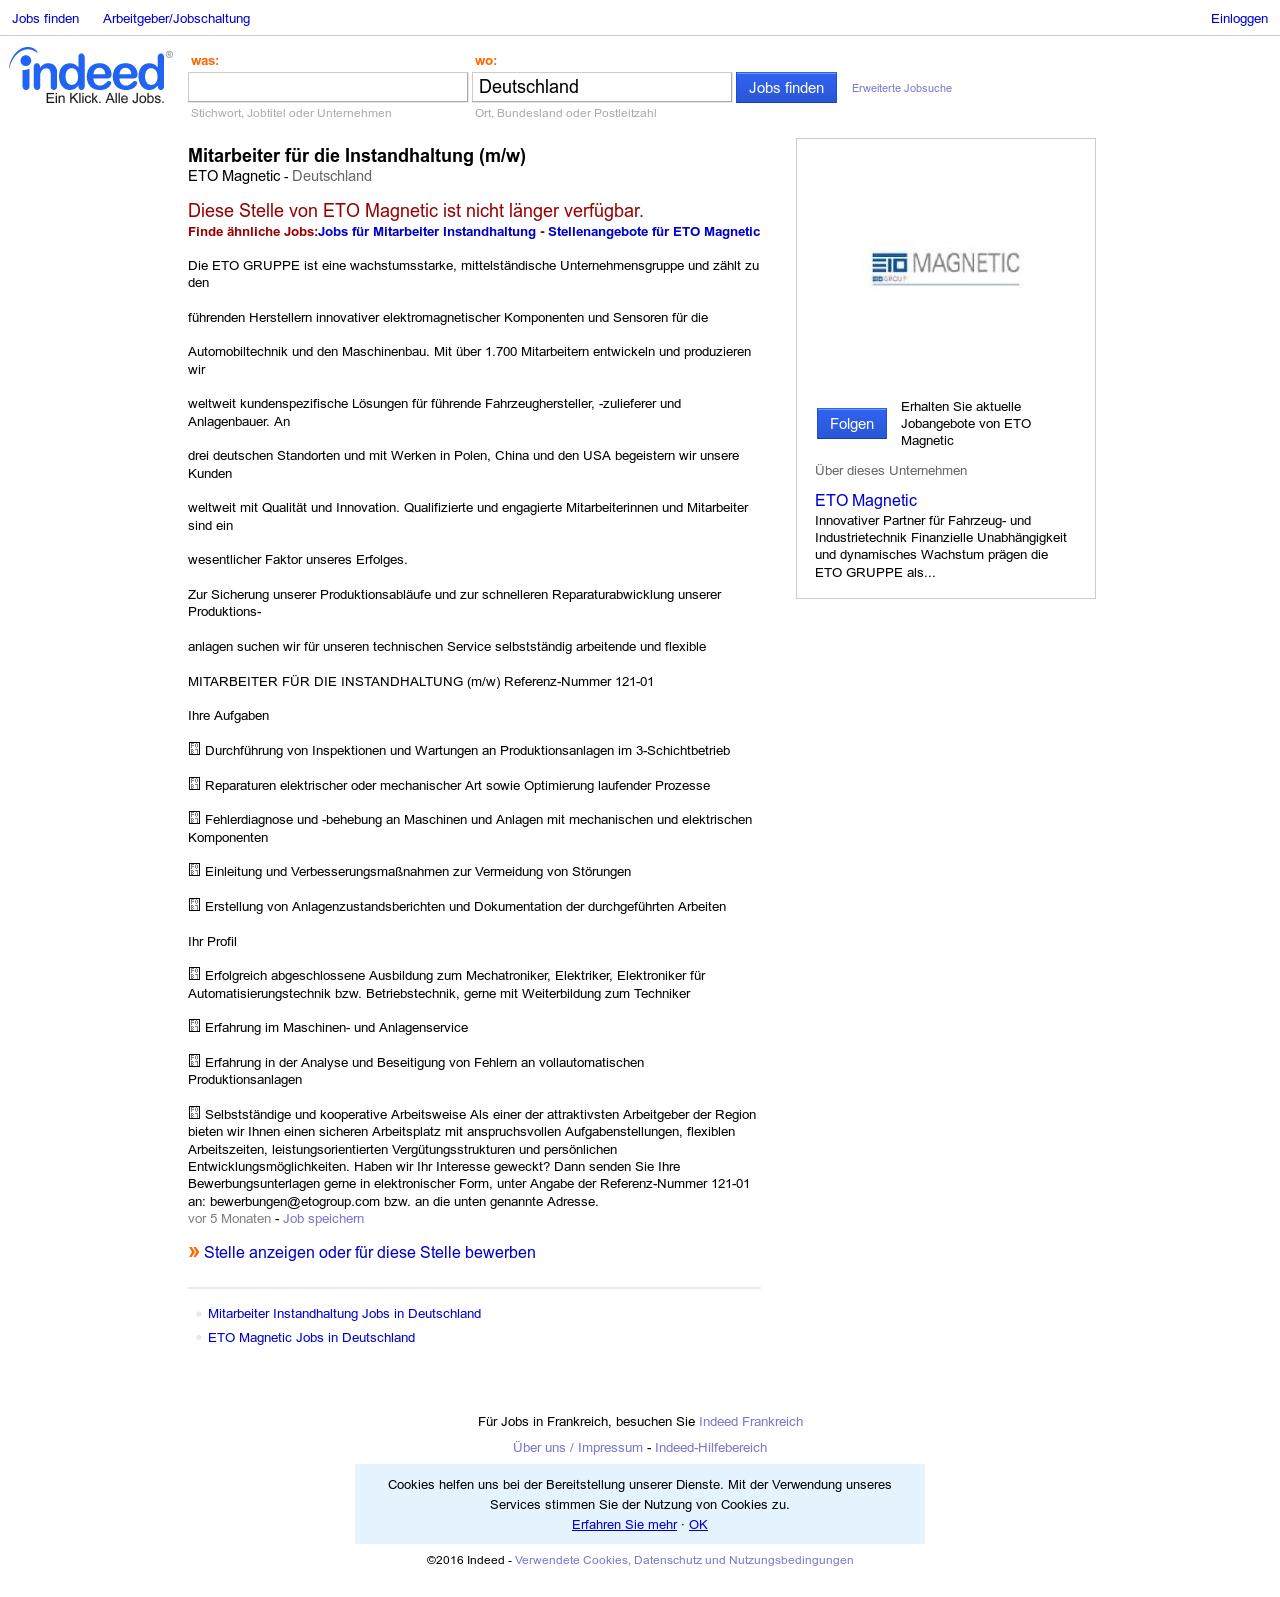 Mitarbeiter für die Instandhaltung (m/w) Job - ETO Magnetic ...